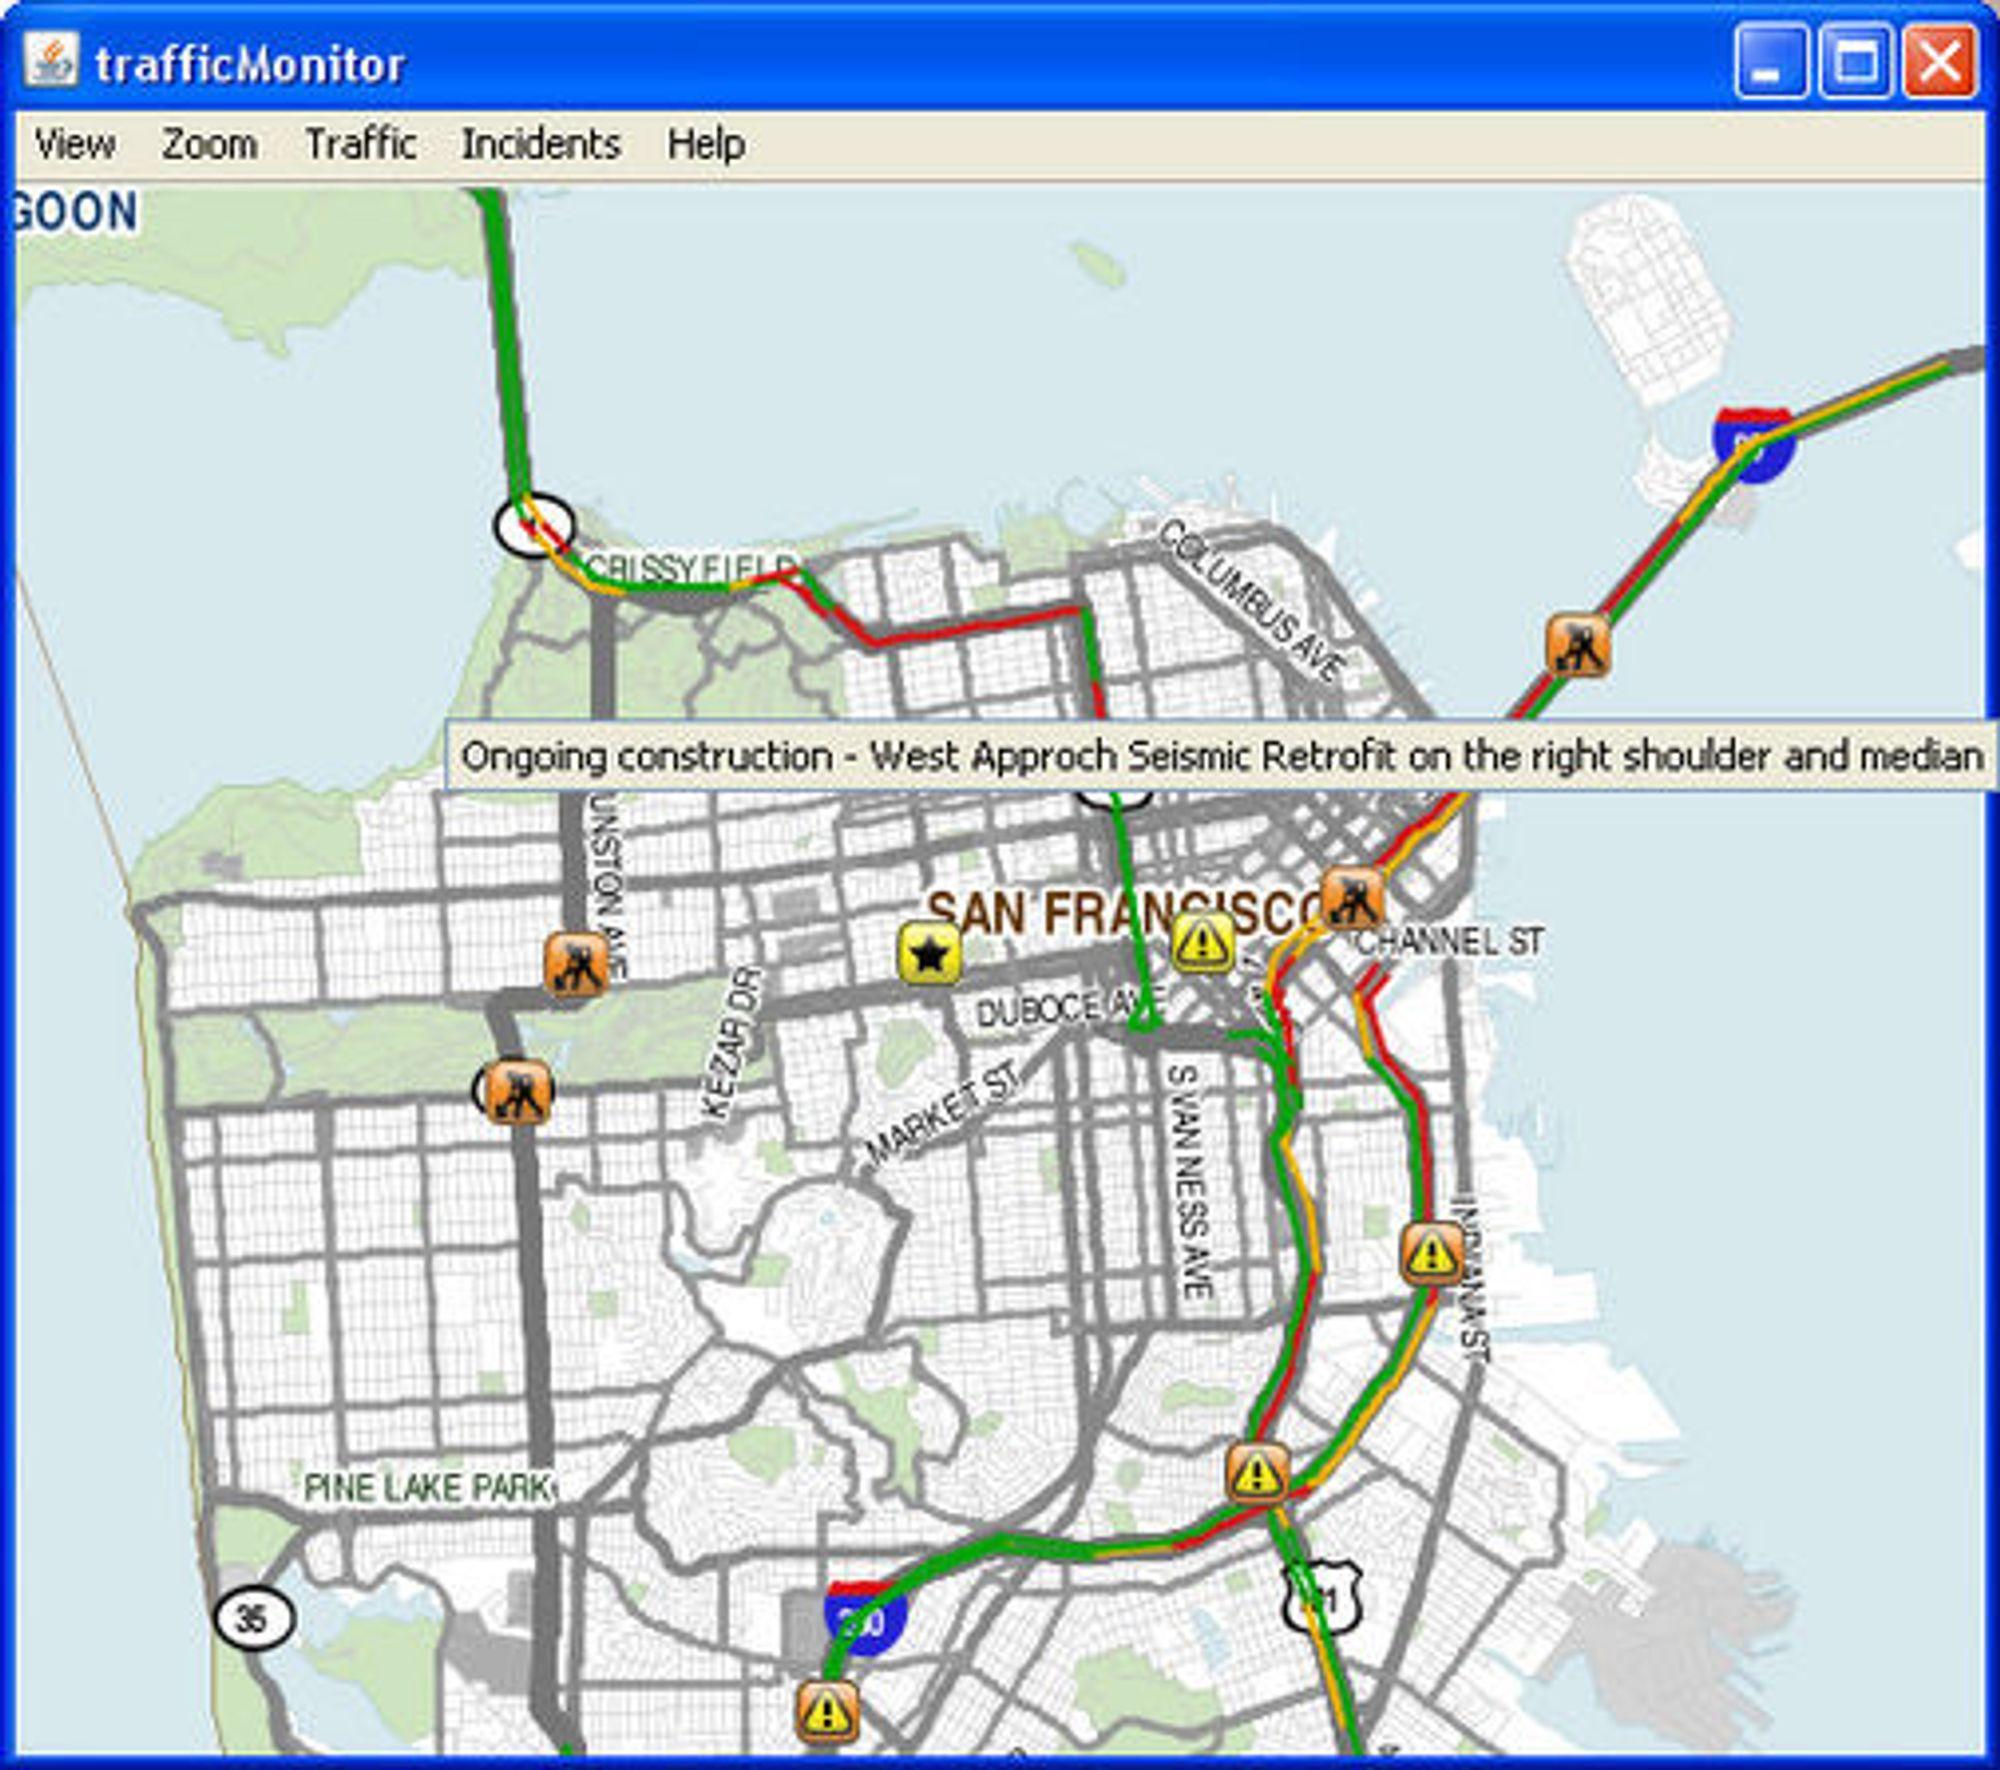 Mobile Milleniums Java-baserte TrafficMonitor med trafikkinformasjon fra San Francisco